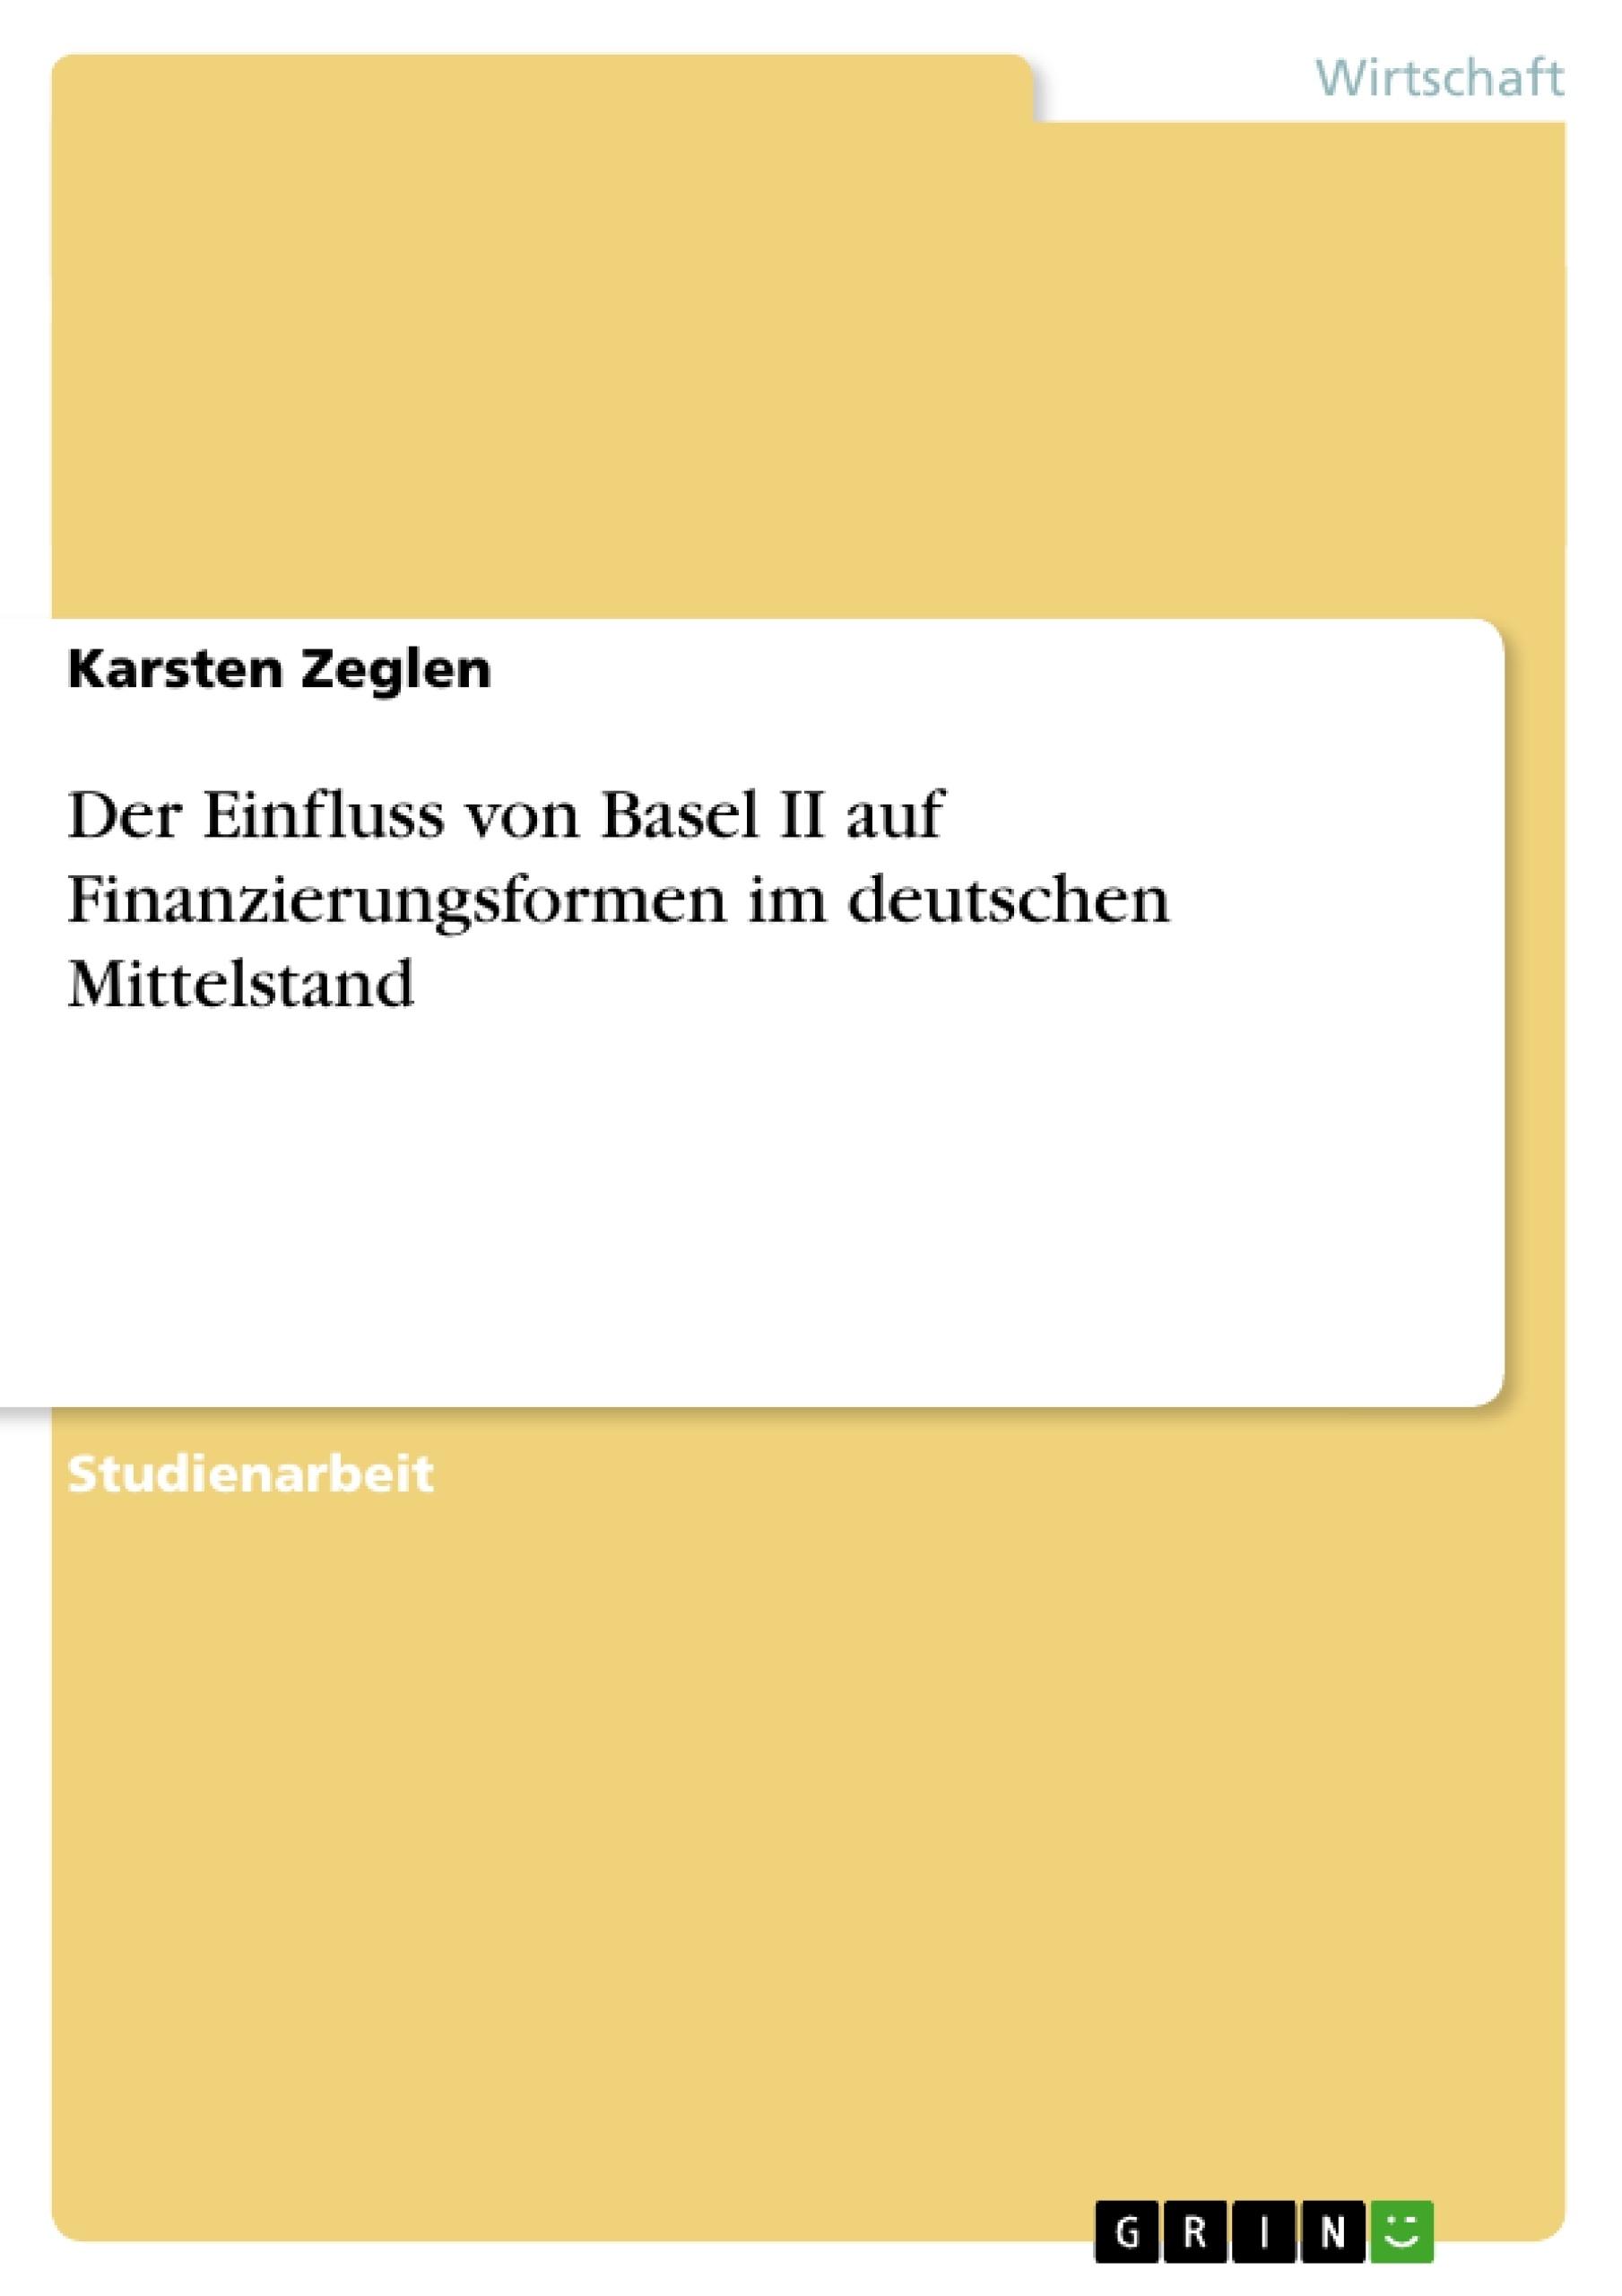 Titel: Der Einfluss von Basel II auf Finanzierungsformen im deutschen Mittelstand